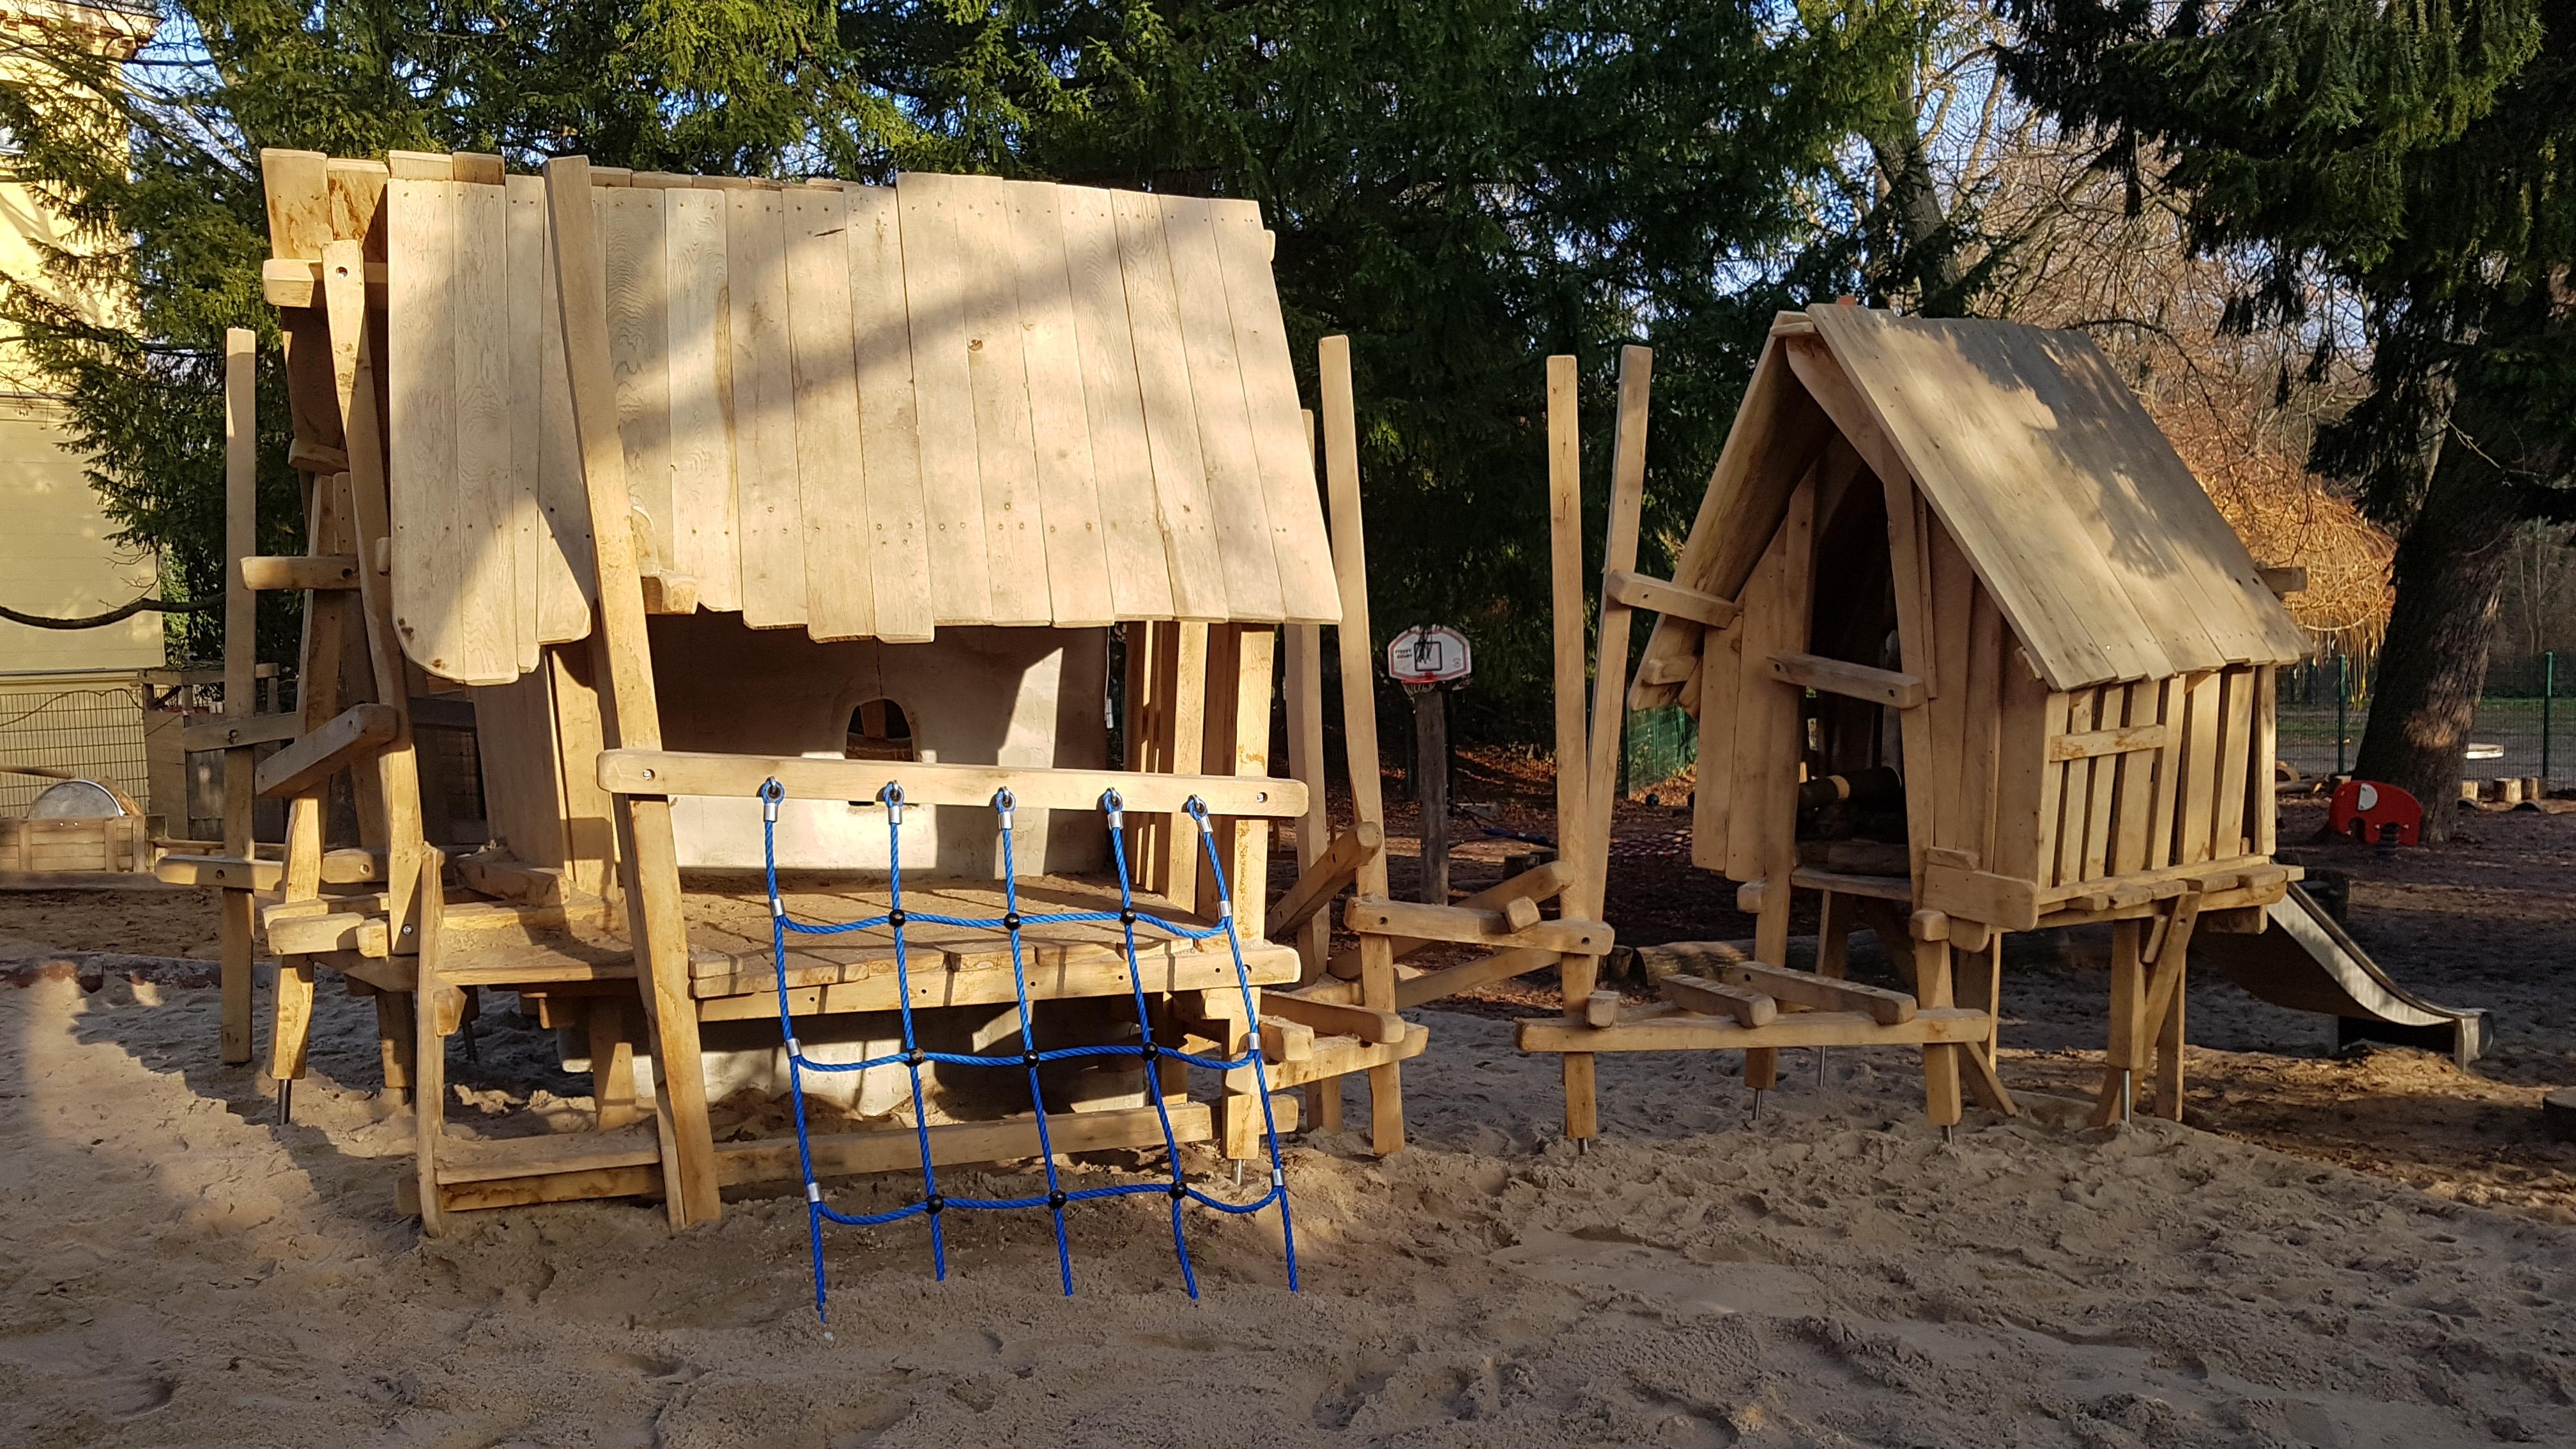 Spielplatz mit zwei Hütten